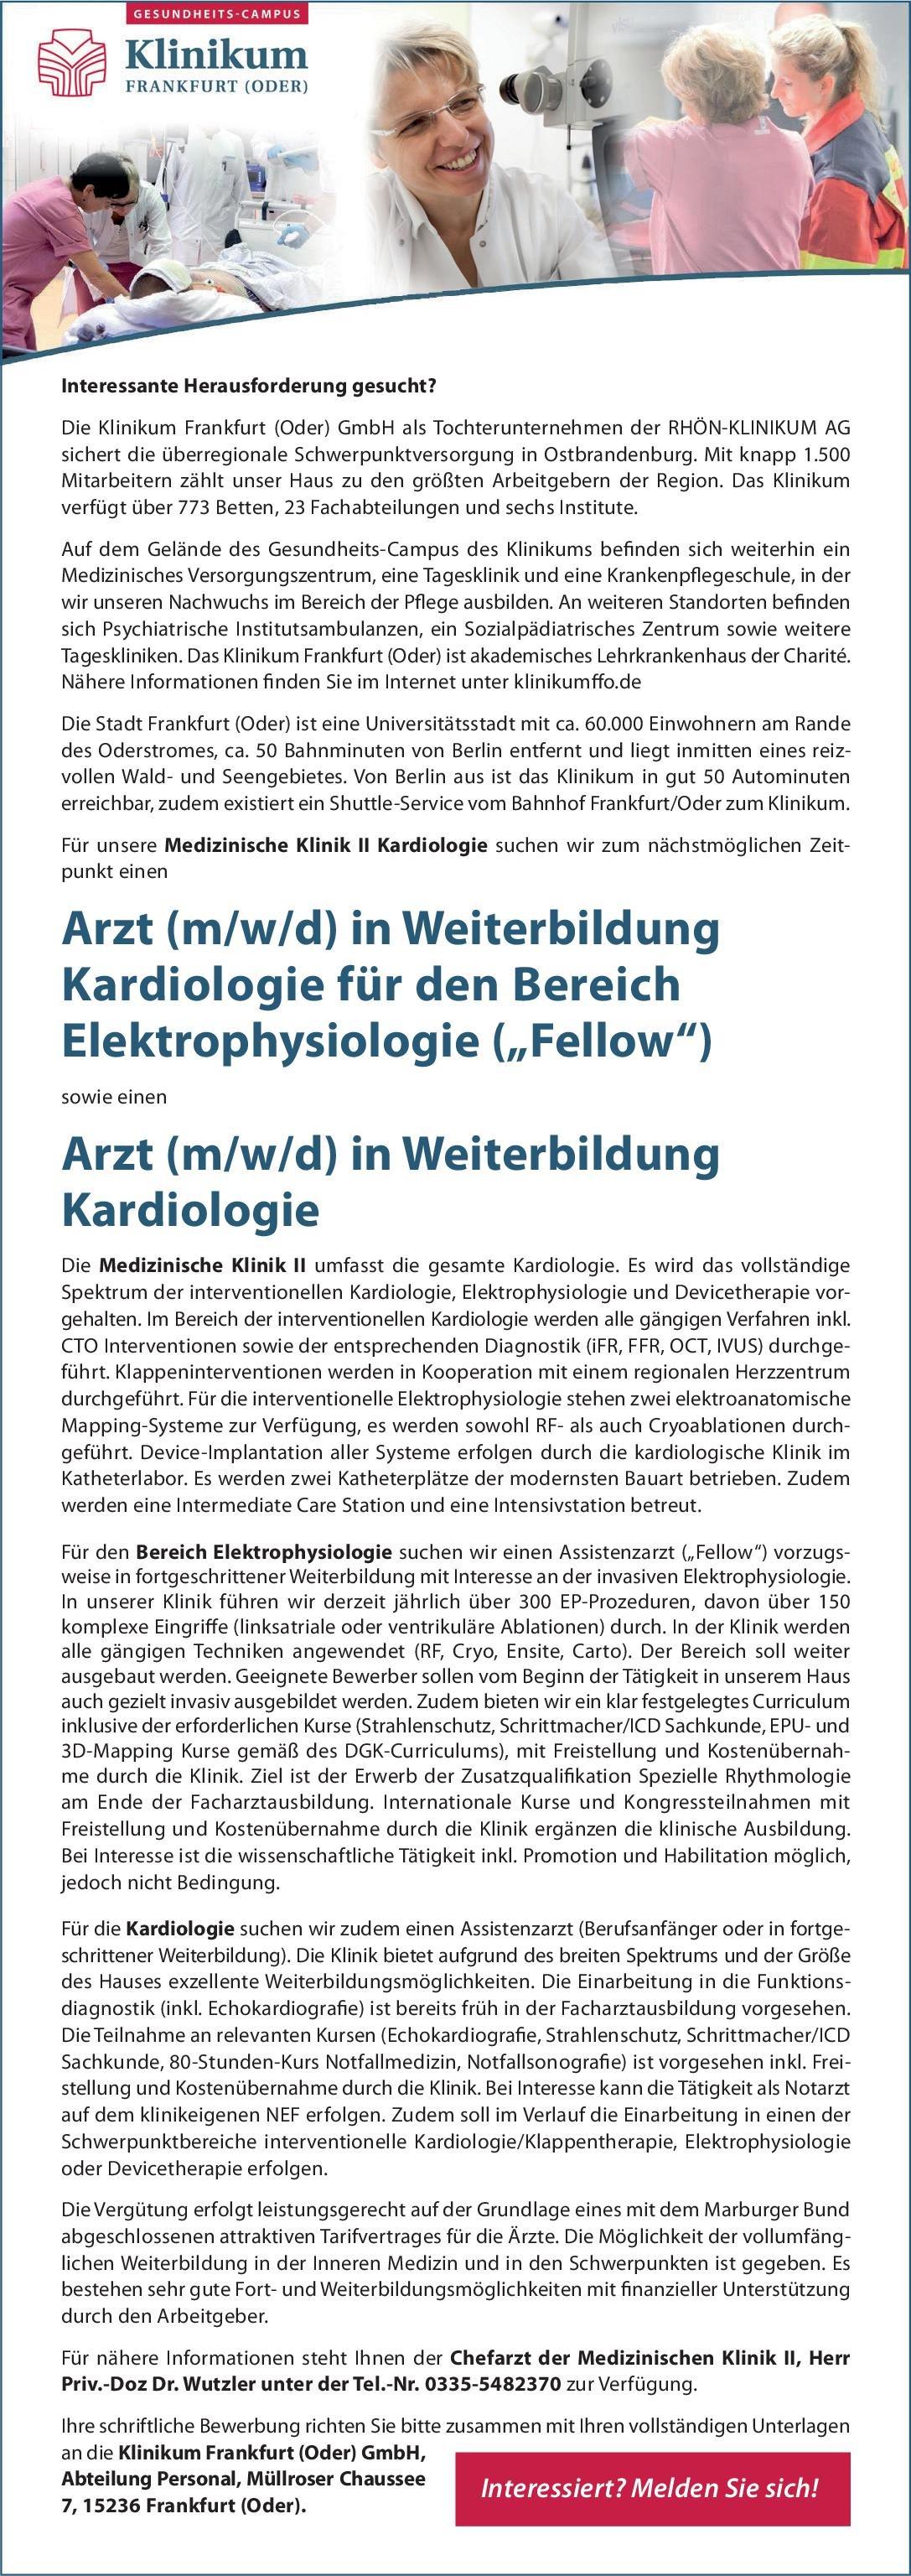 Klinikum Frankfurt (Oder) Arzt (m/w/d) in Weiterbildung Kardiologie für den Bereich Elektrophysiologie ('Fellow')  Innere Medizin und Kardiologie, Innere Medizin Assistenzarzt / Arzt in Weiterbildung